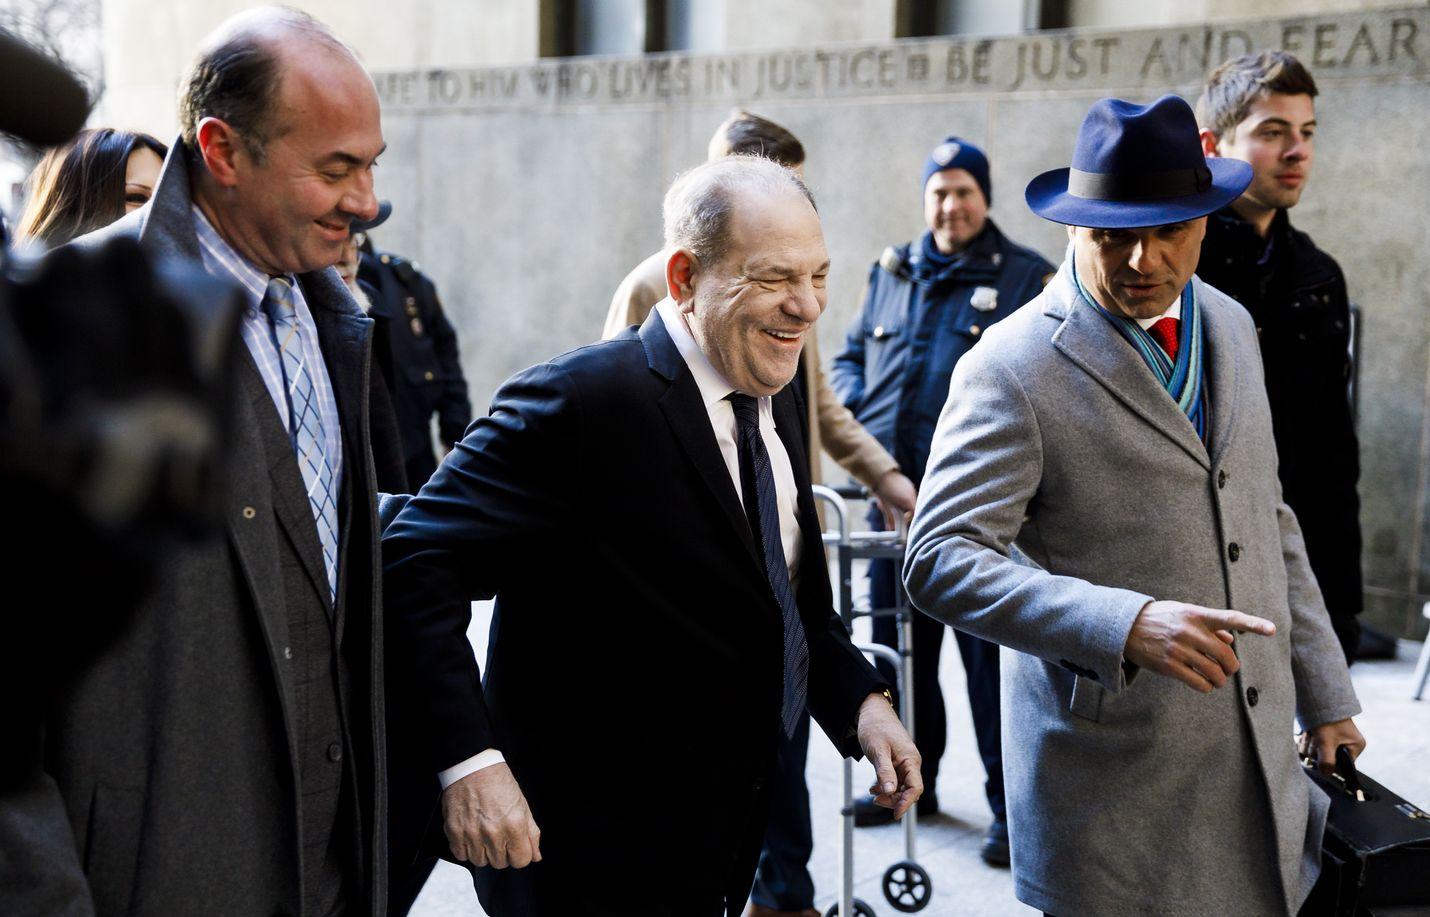 Harwey Weinstein saapui oikeudenkäyntiinsä New Yorkin Manhattanilla keskiviikkona.